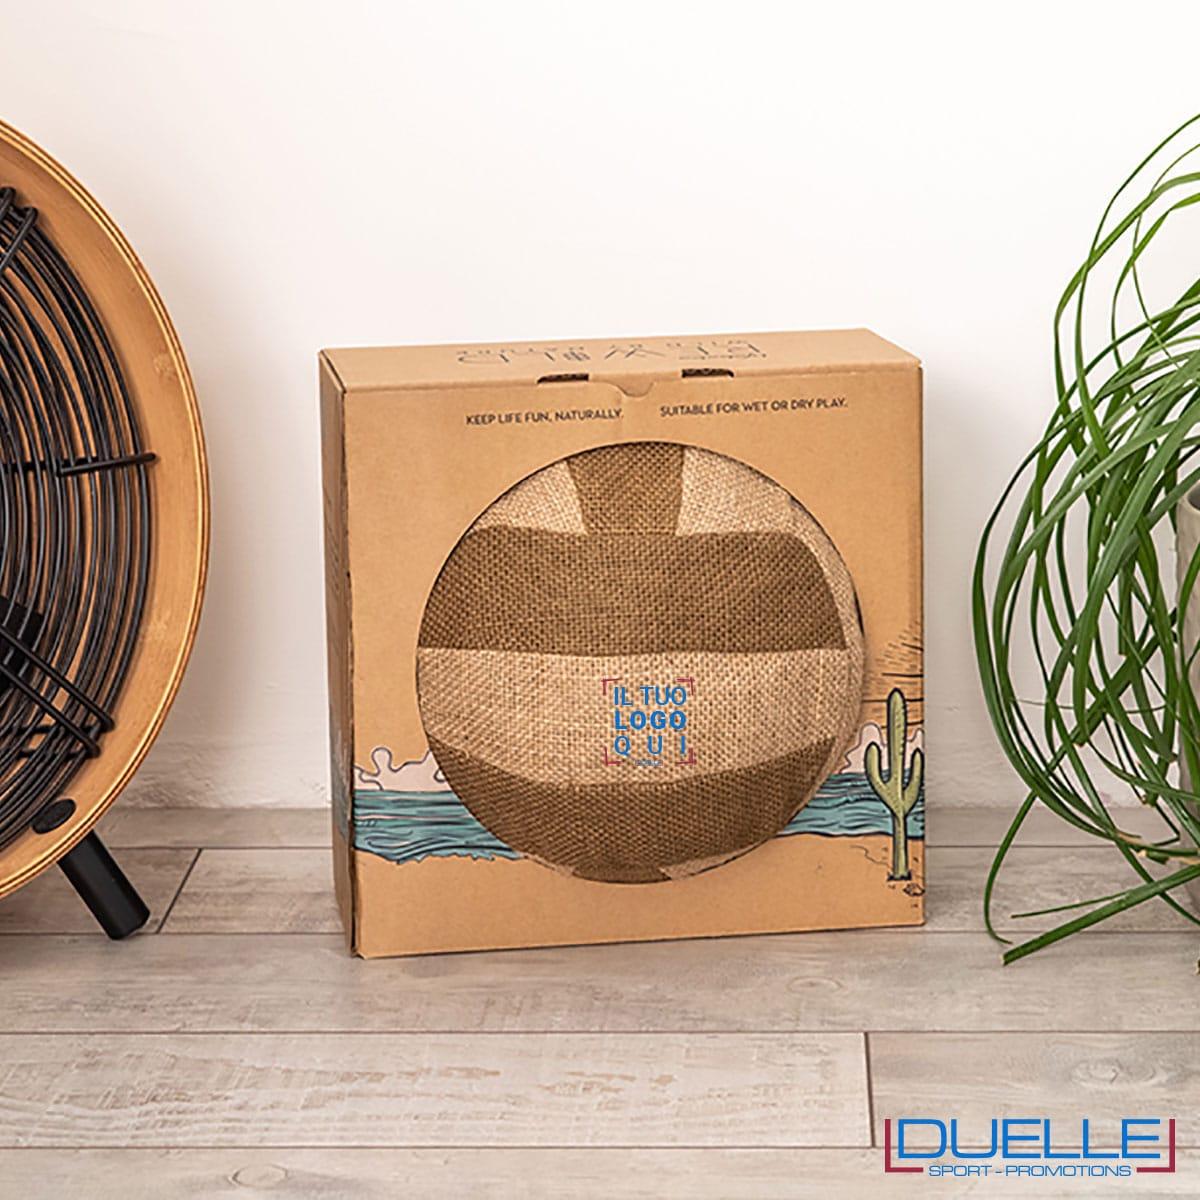 Palla beach volley iuta con logo in scatola